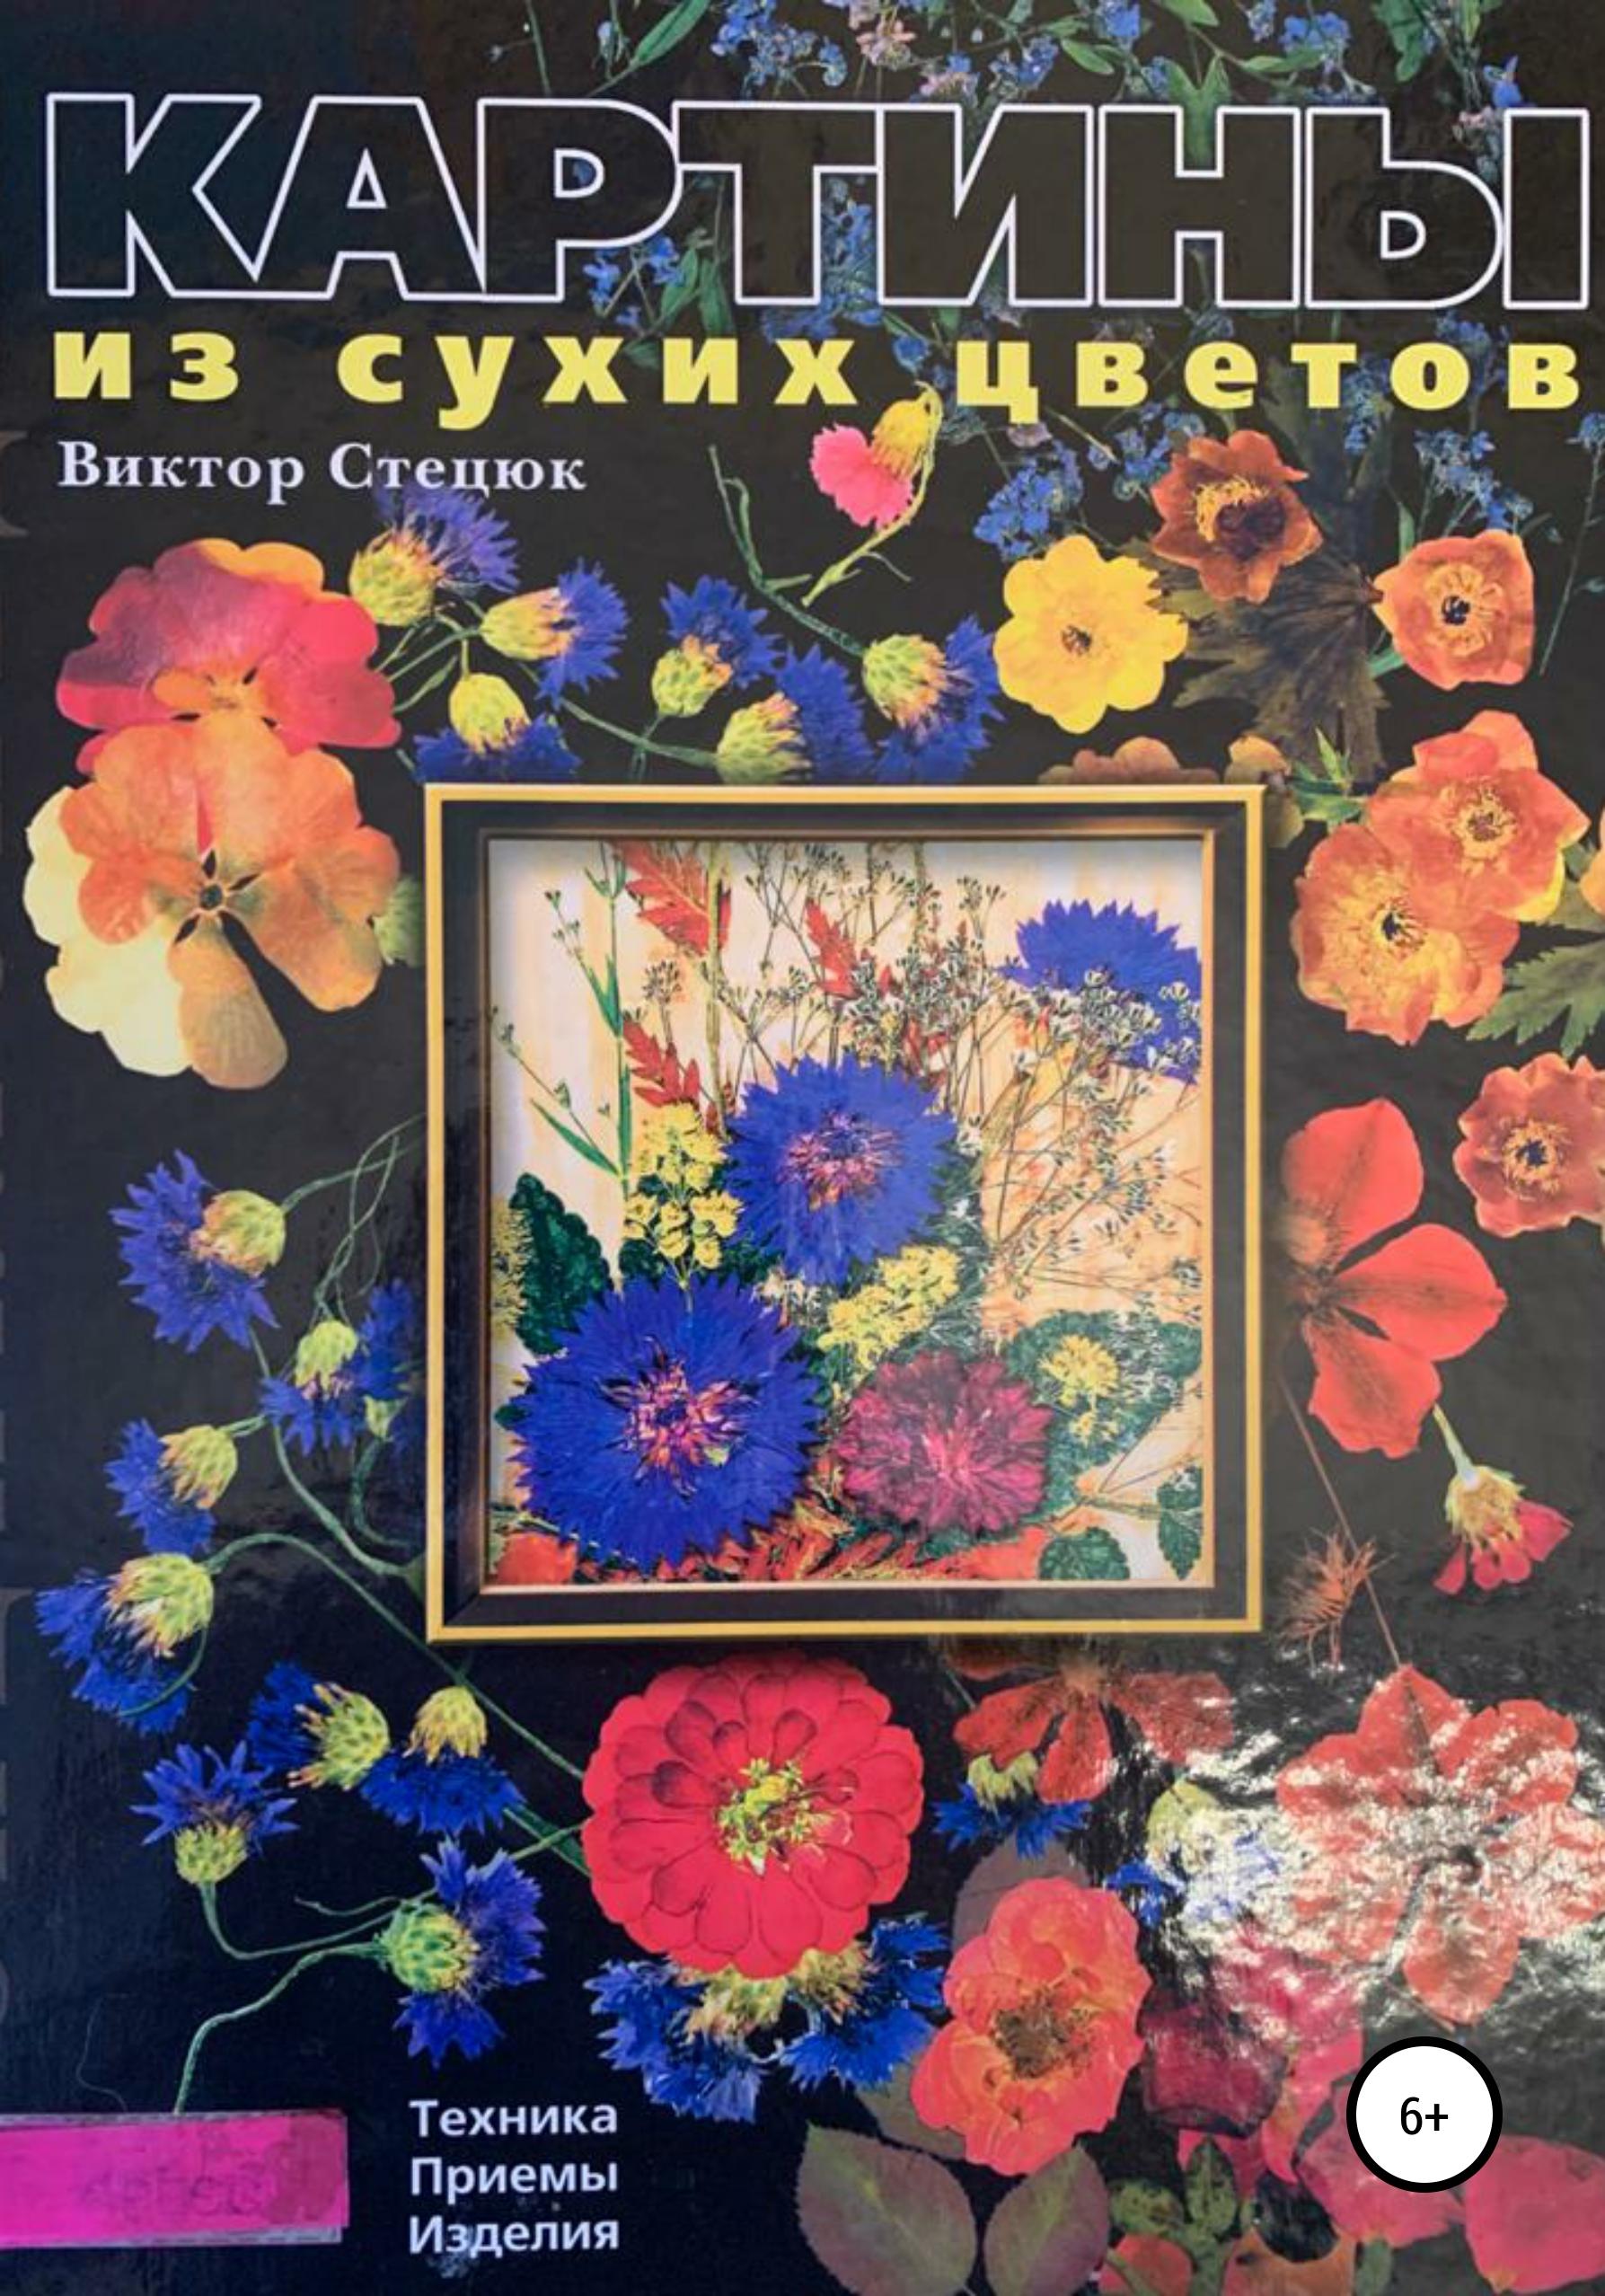 Купить книгу Картины из сухих цветов, автора Виктора Григорьевича Стецюка